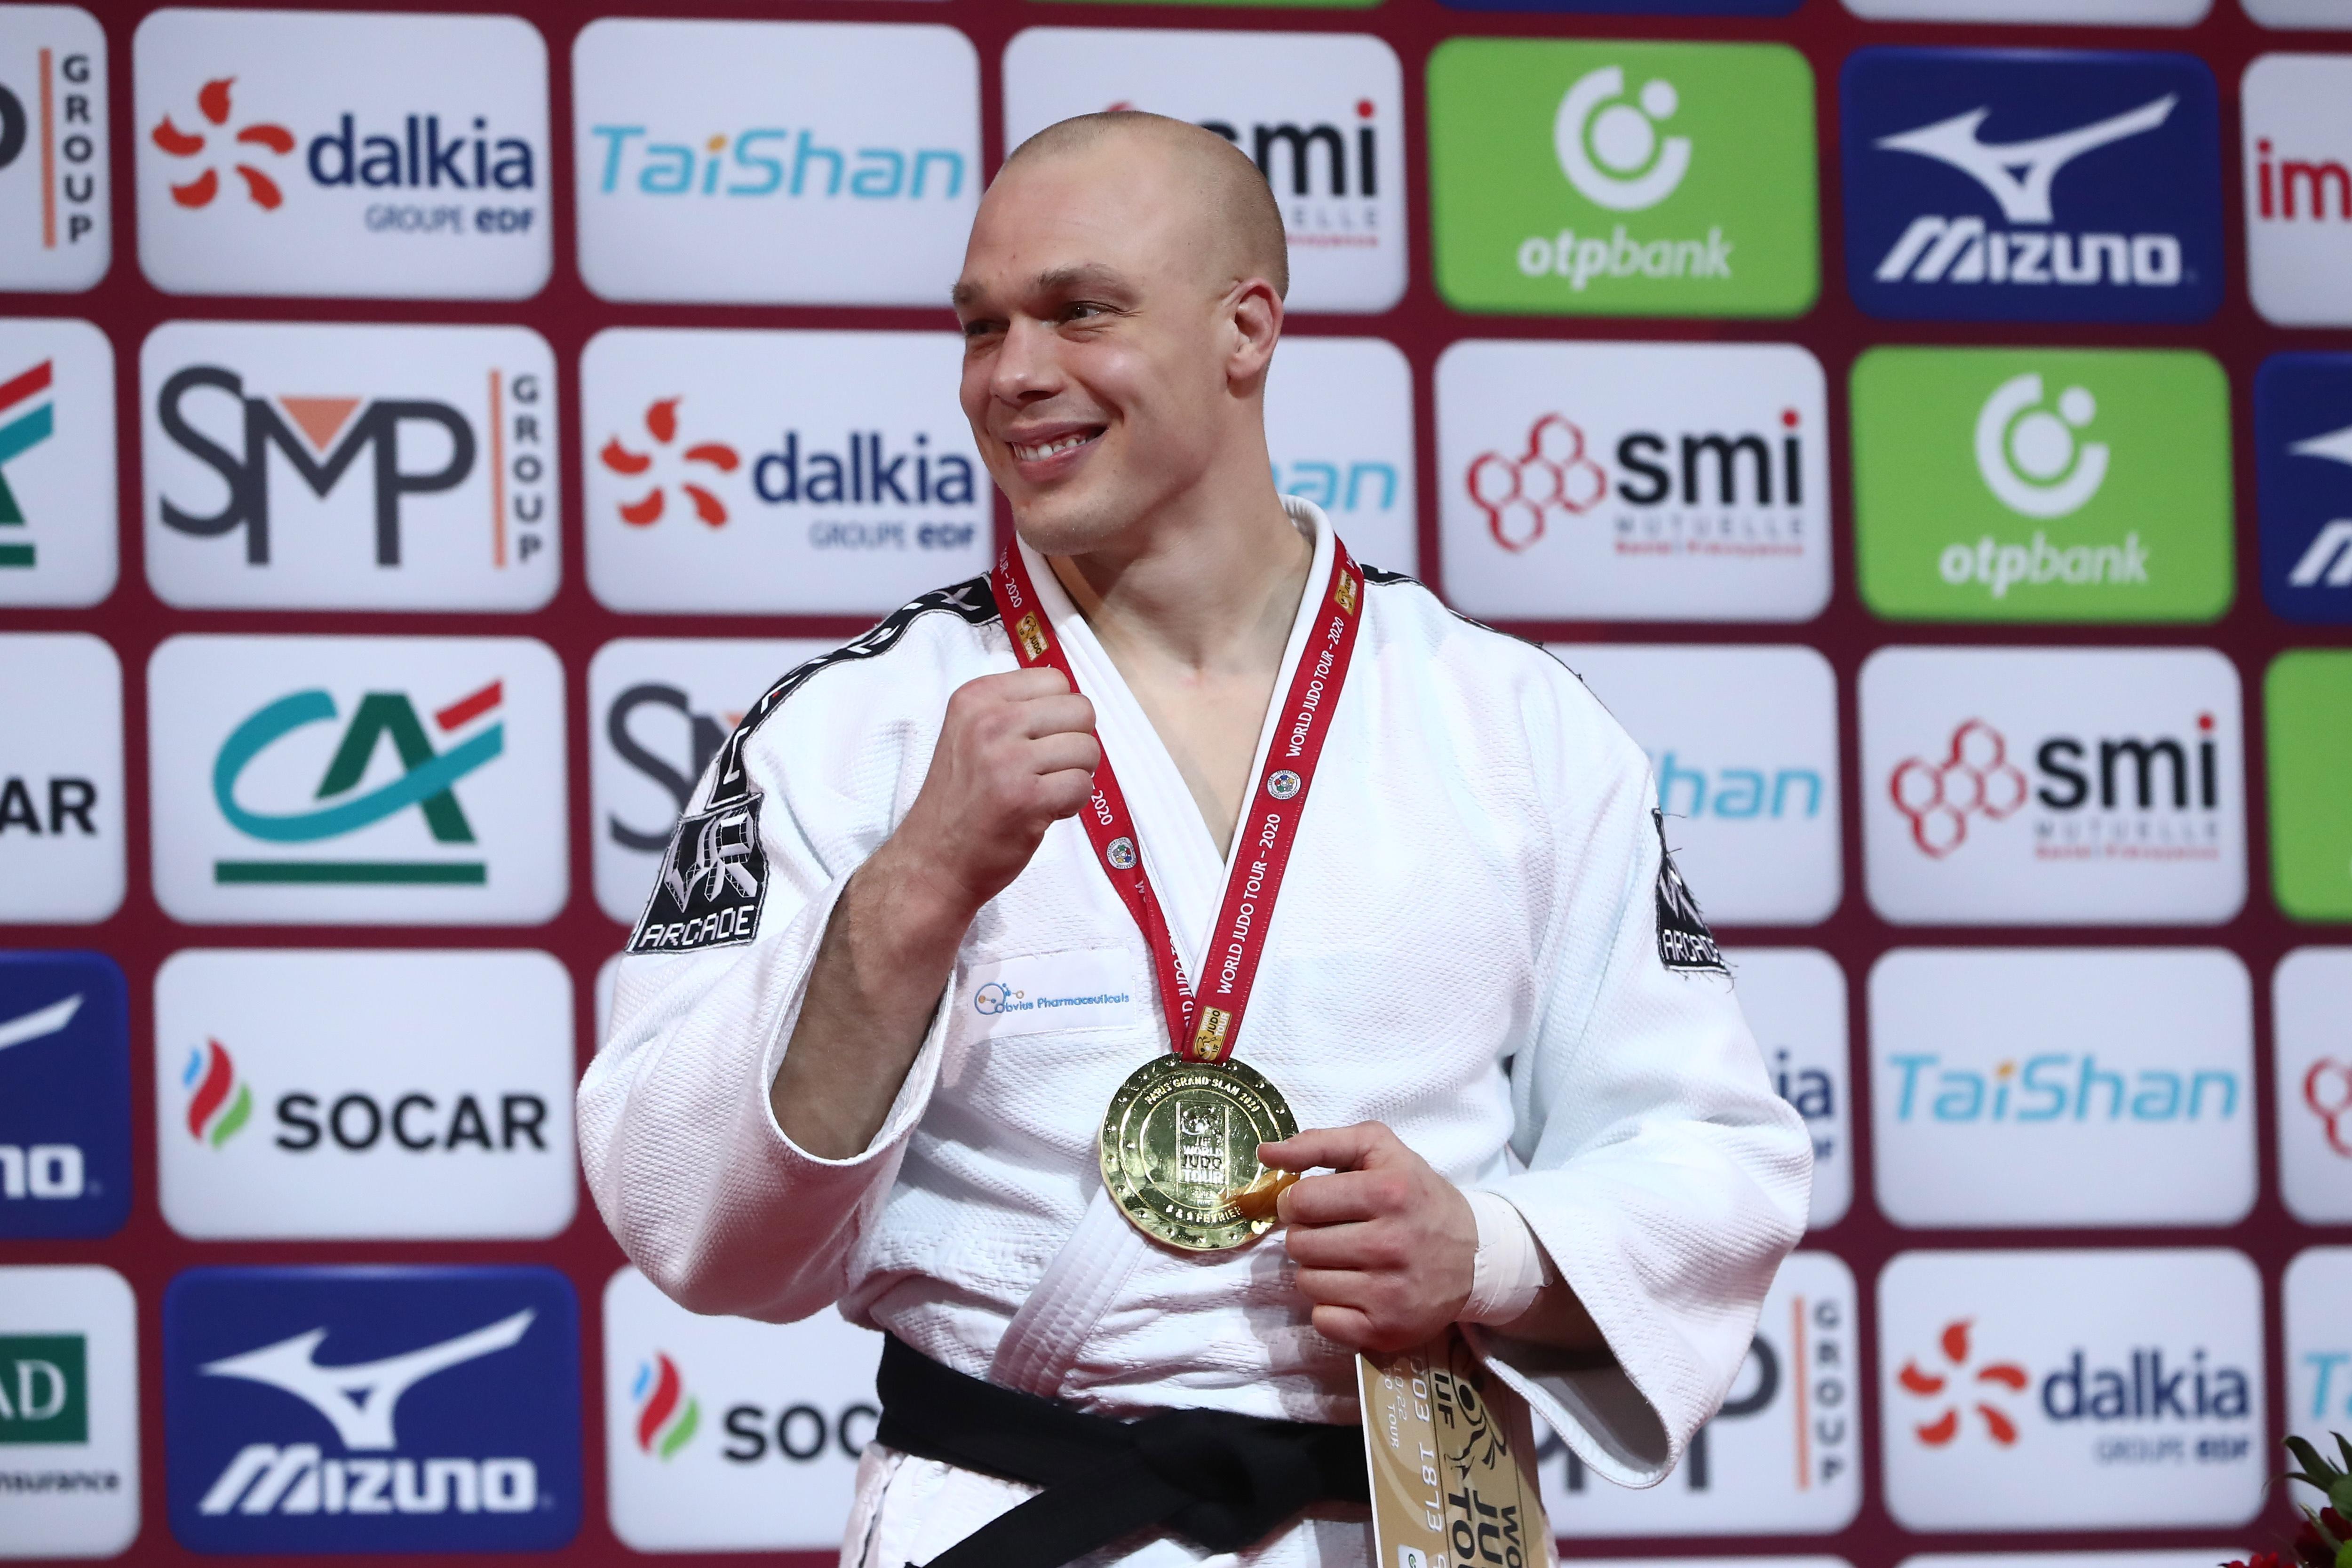 Haarlemse judoka Henk Grol laat zien dat hij bij de wereldtop hoort: 'Ze zeggen allemaal dat ik te oud ben én versleten'